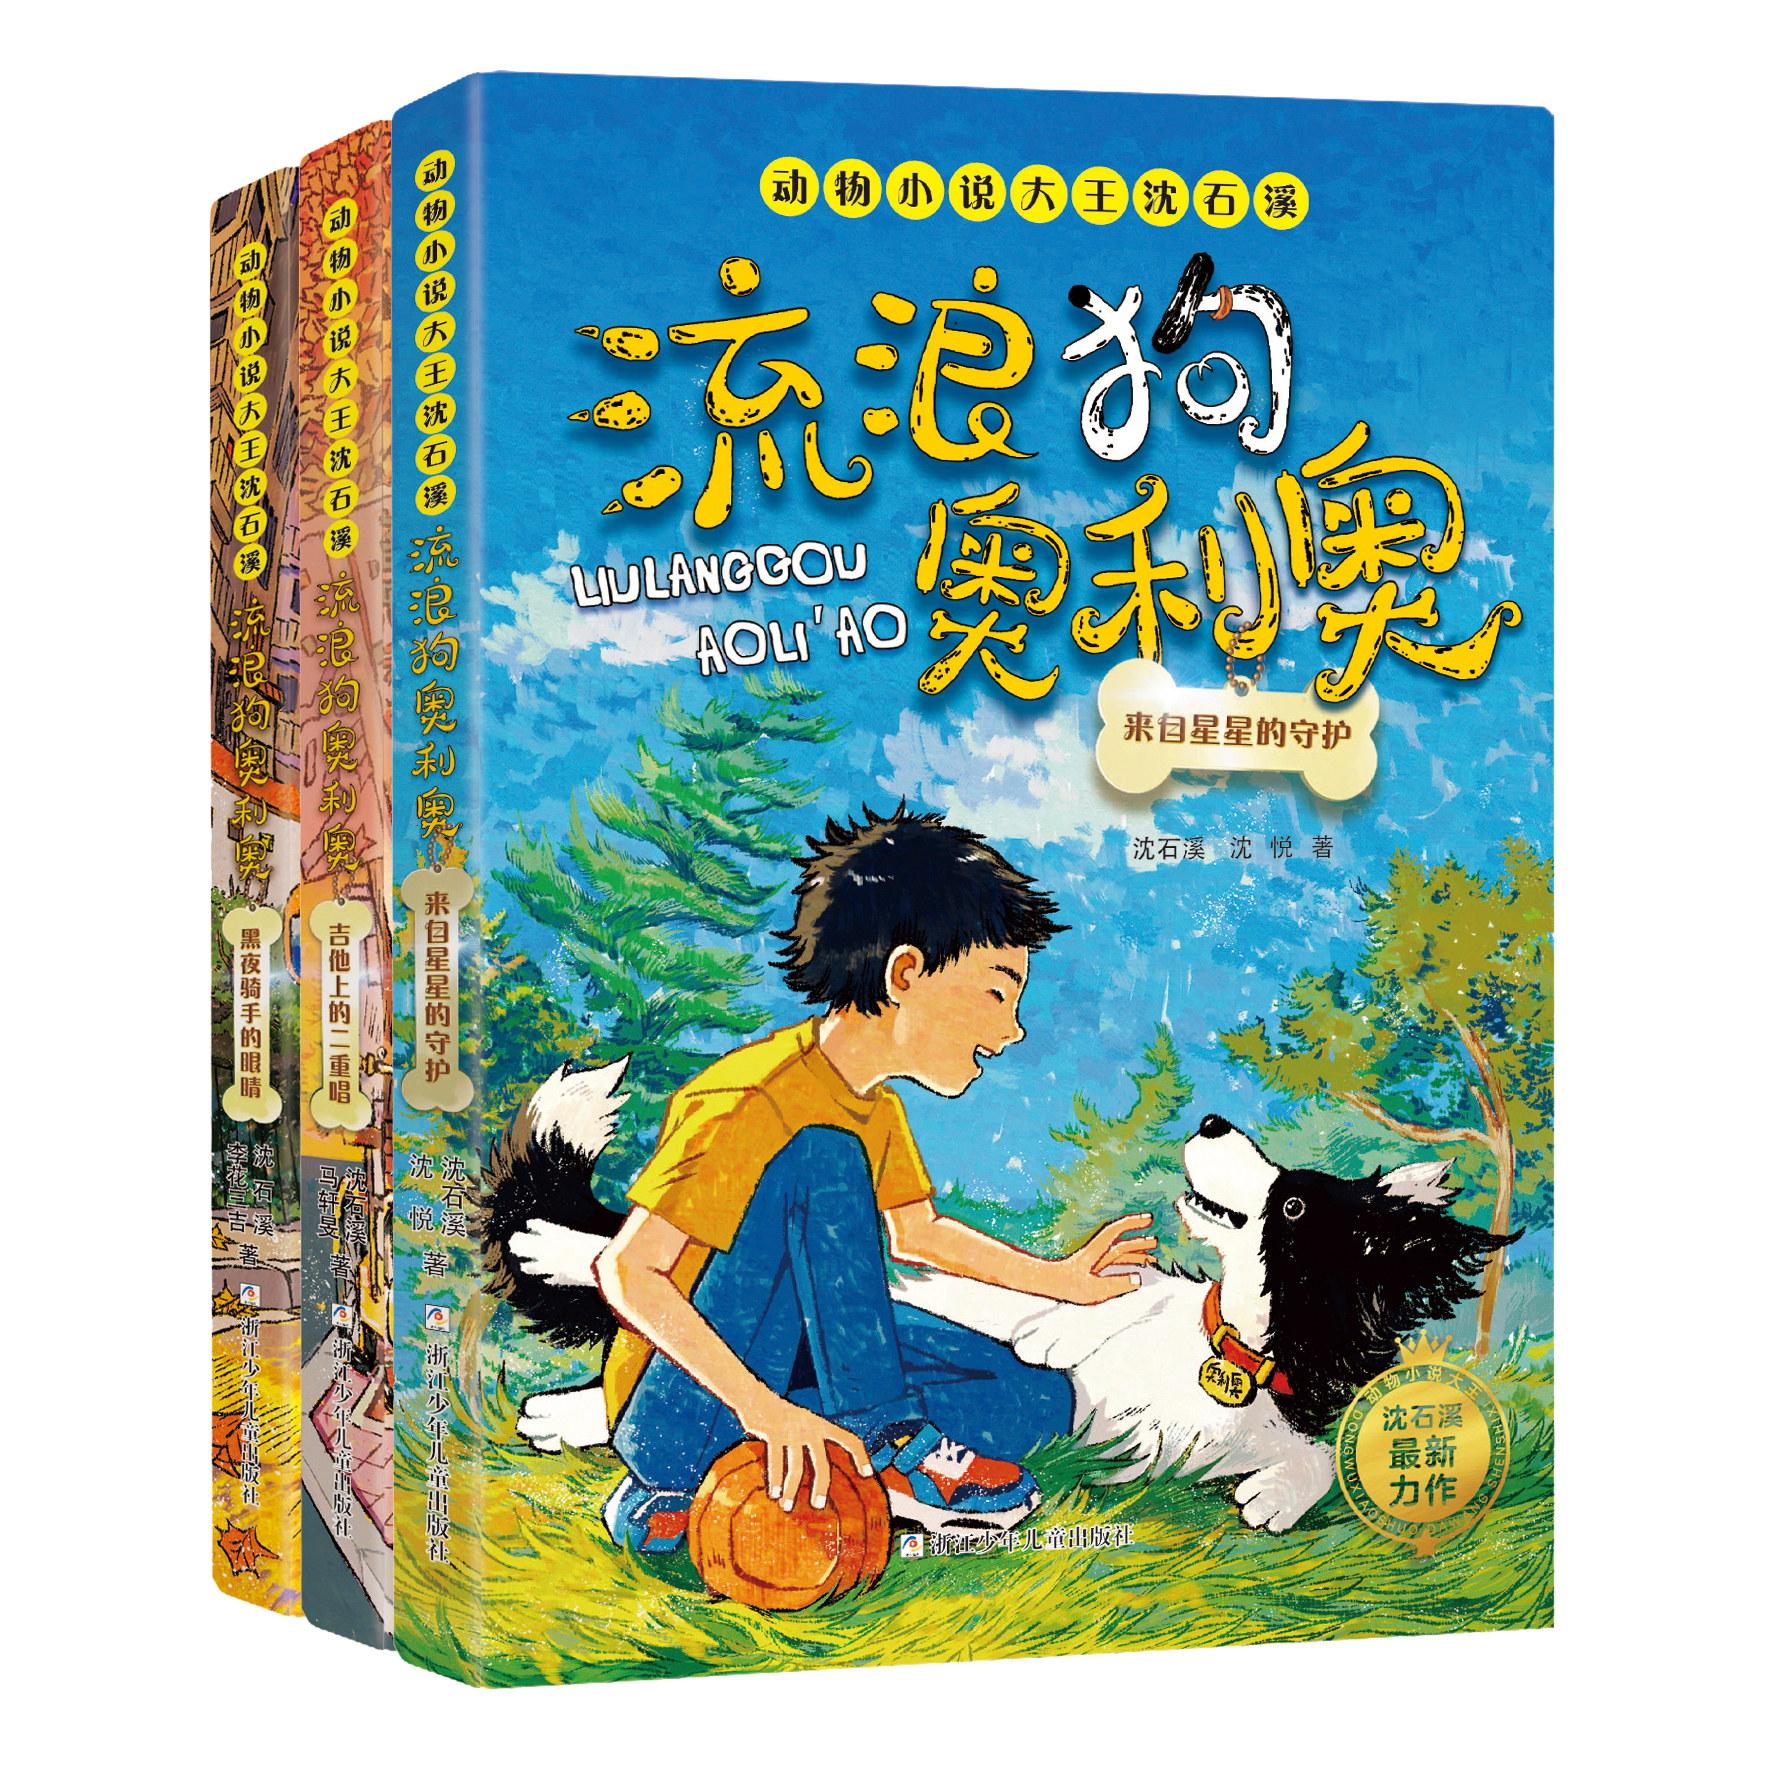 【预售11月12日发货】【2-6年级】流浪狗奥利奥 3本